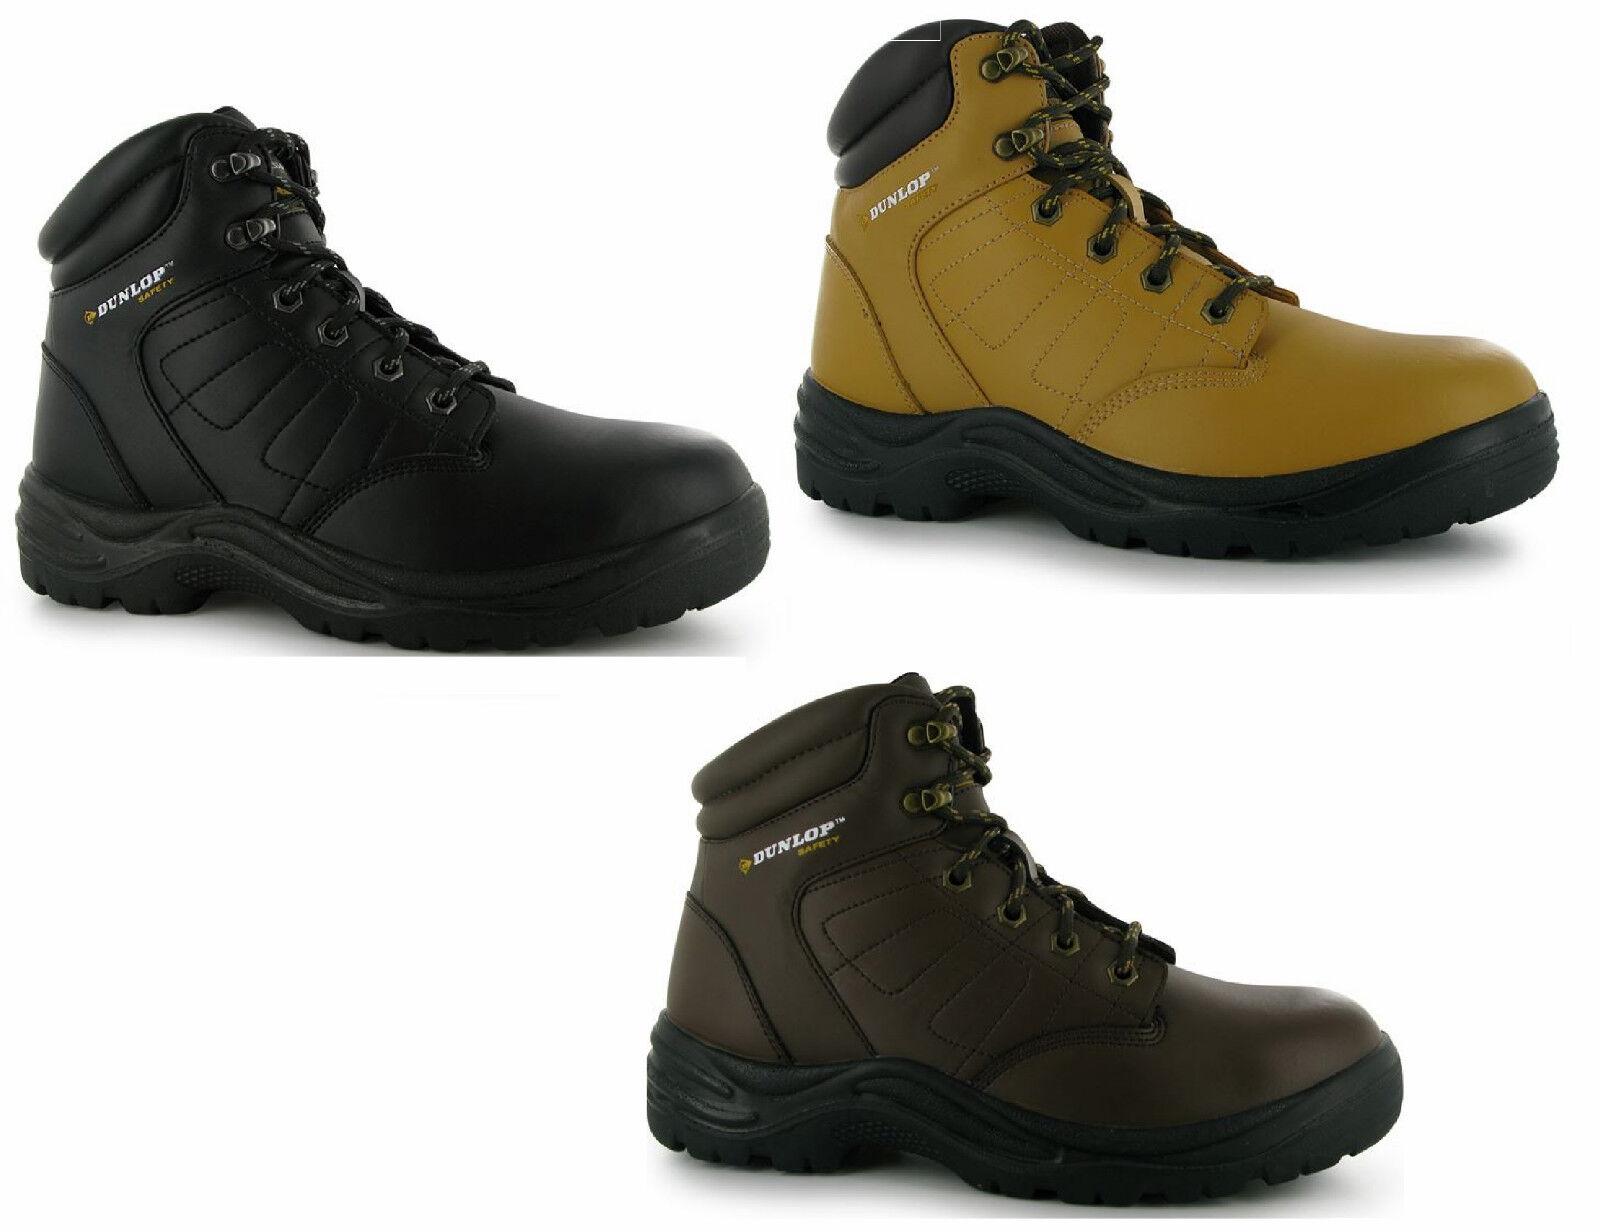 Dunlop Chaussures de sécurité sécurité Bottes Chaussures travail safety chaussures NEUF Dakot